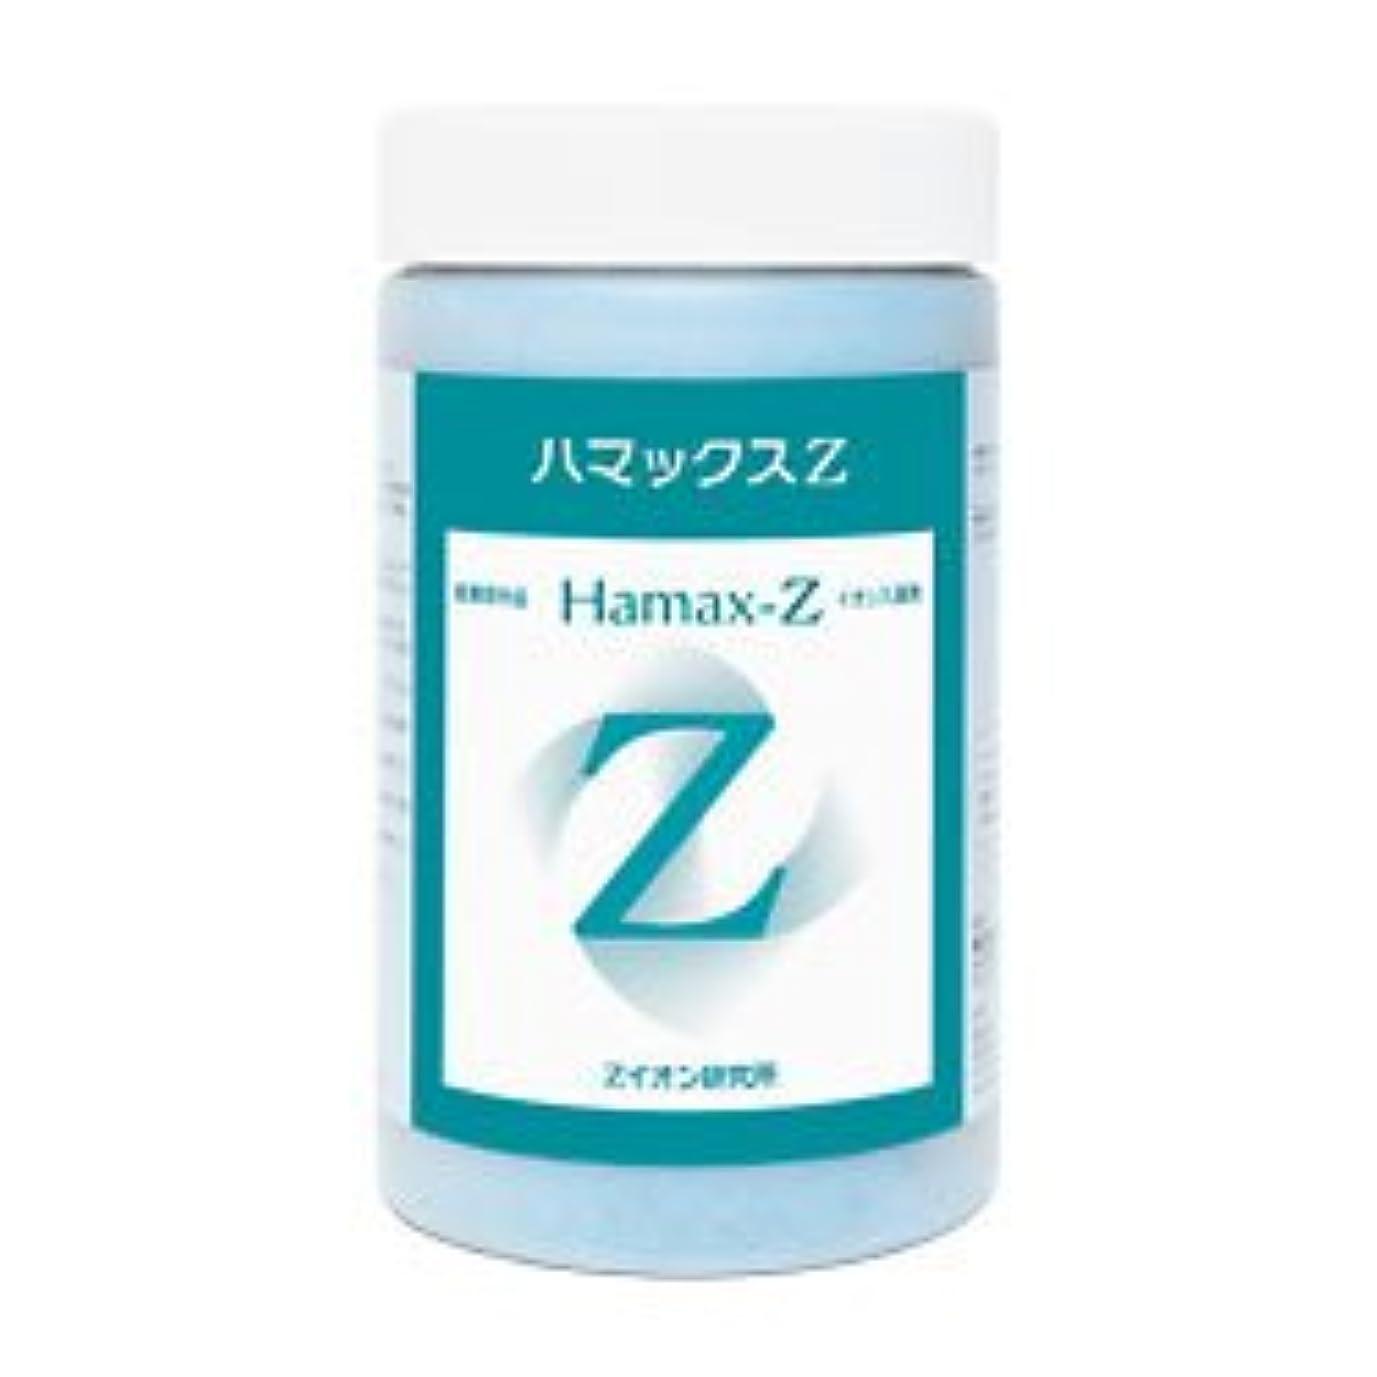 以来卵嫌な医薬部外品 イオン入湯剤ハマックスZ 700g